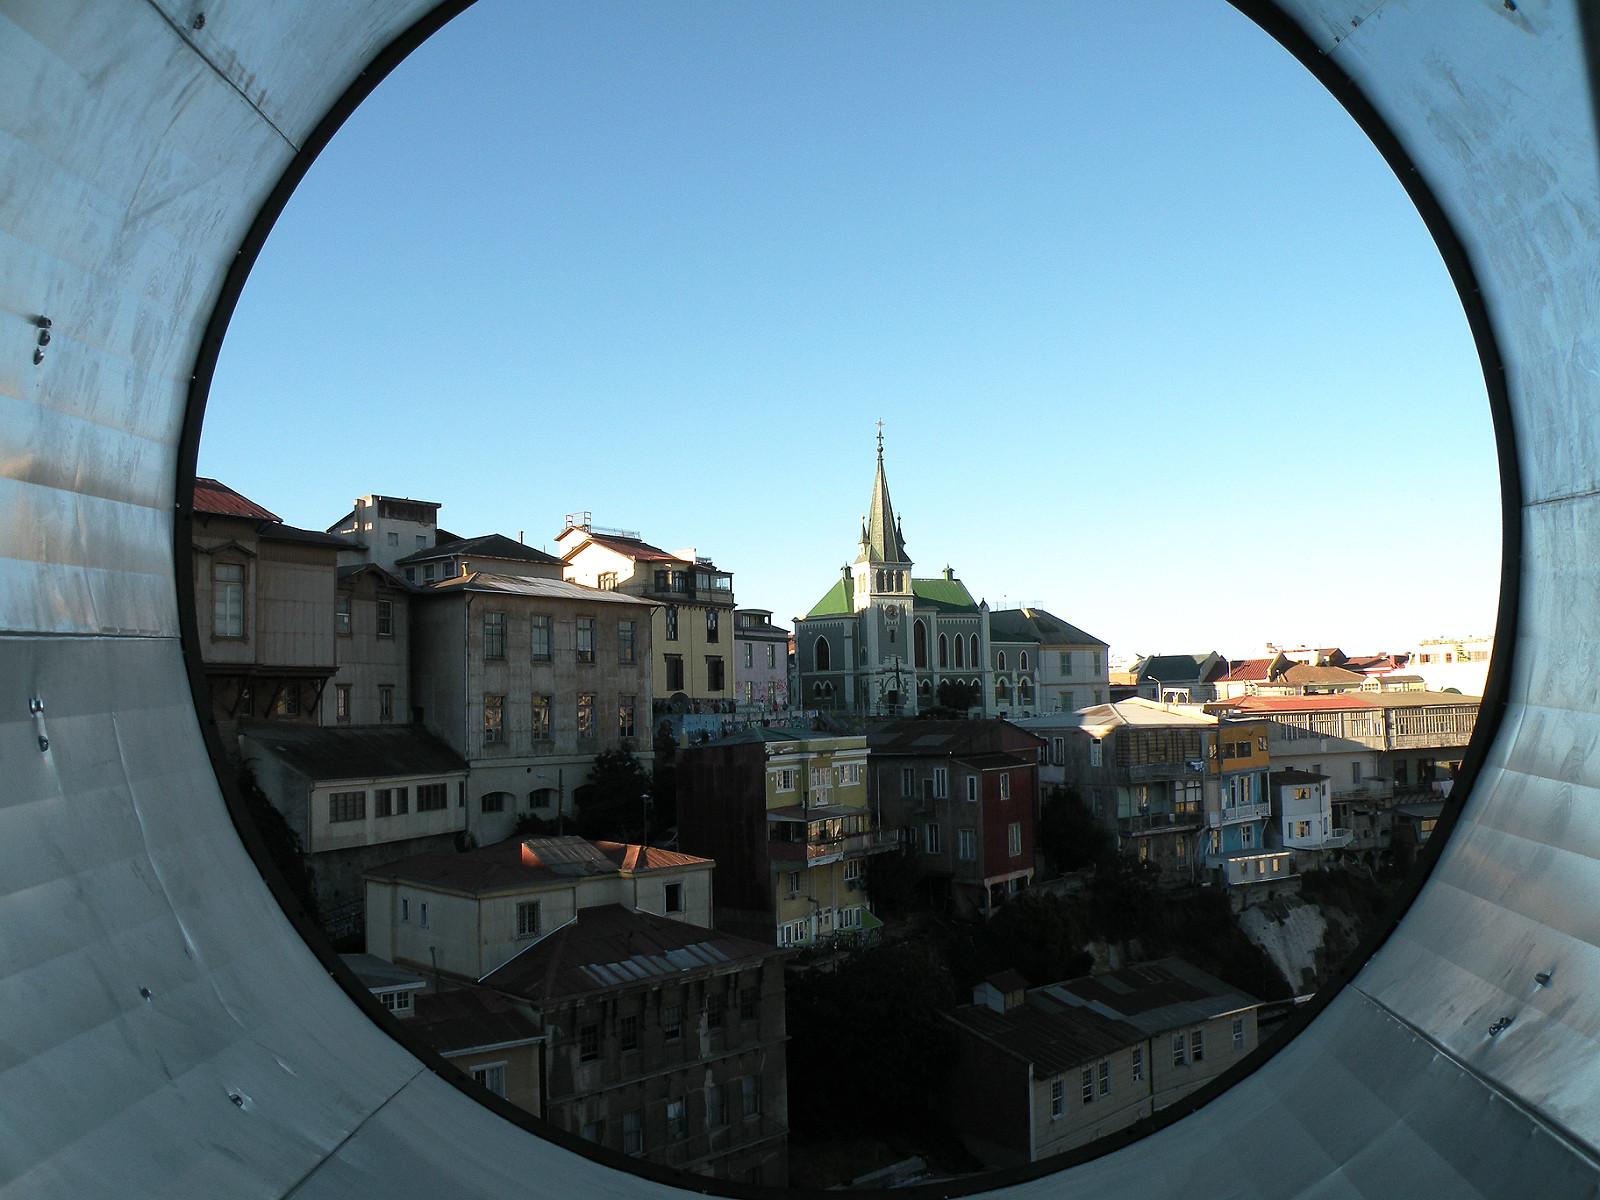 Valparaíso recibirá próxima Bienal Chilena de Arquitectura y Urbanismo e inicia inédita convocatoria de curador, Valparaíso a través de la intervención 'Fonópticos'. Image Courtesy of Cecilia Nercasseau